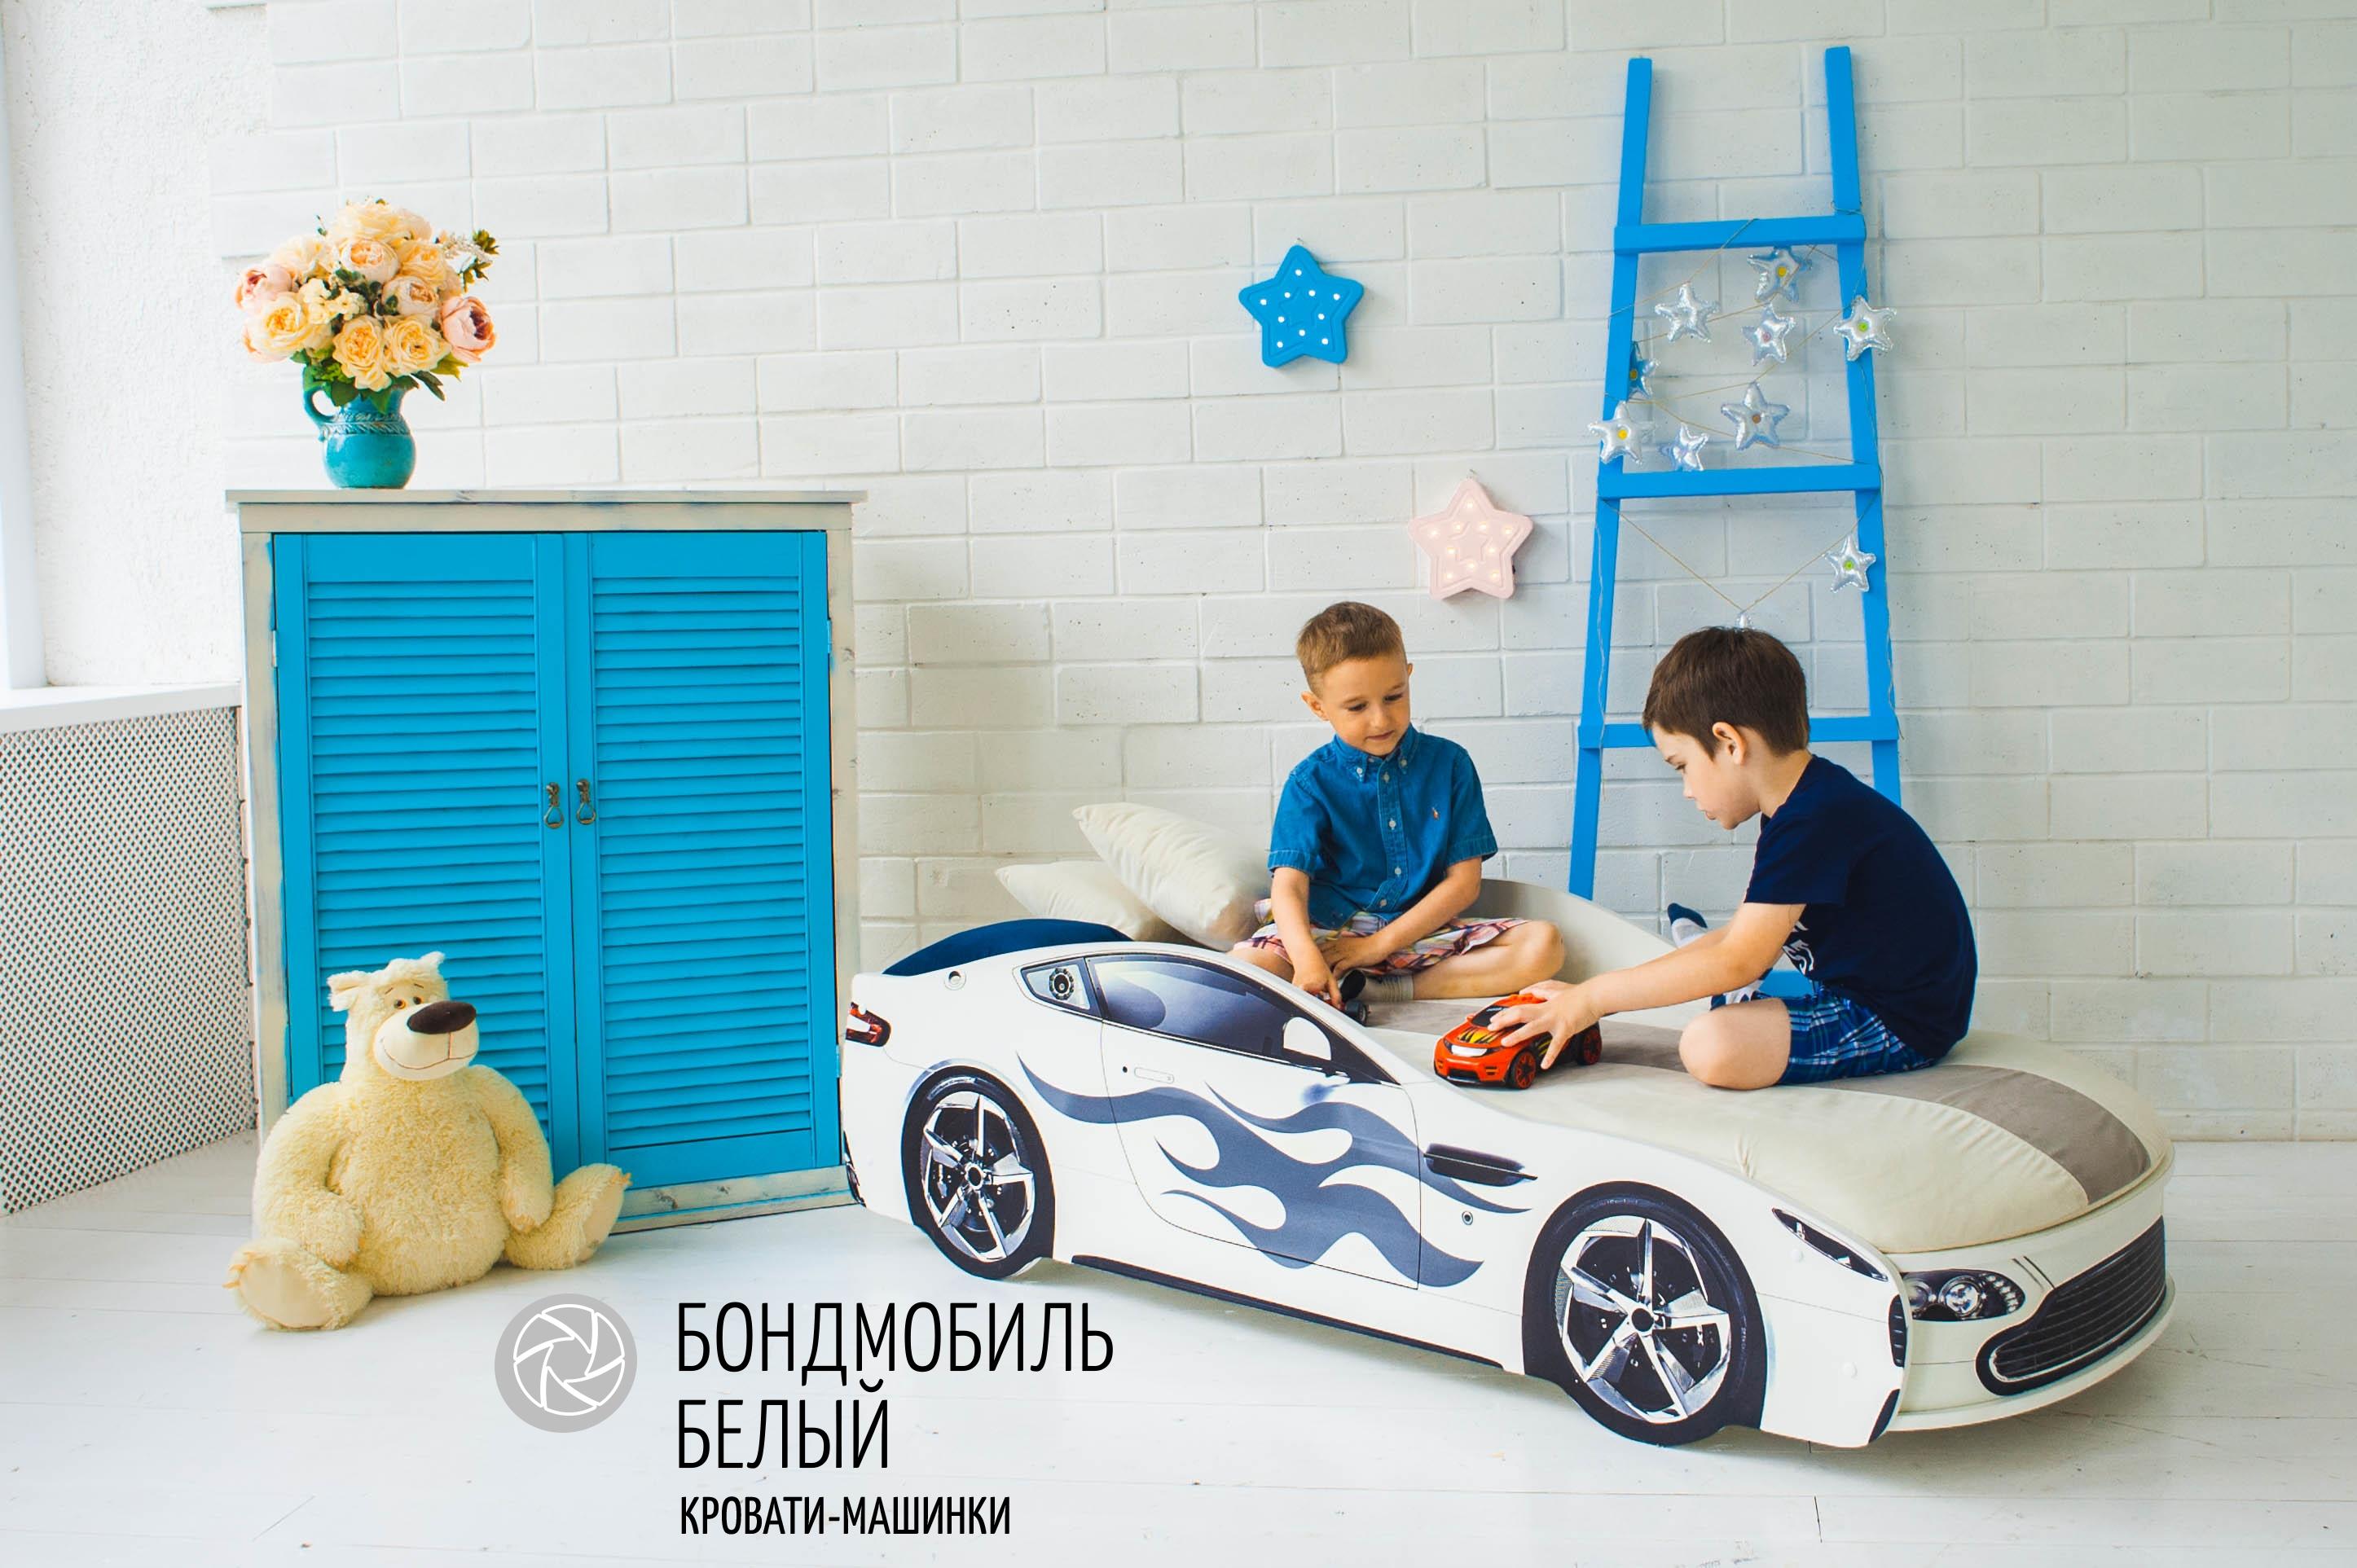 Детская кровать-машина белый -Бондмобиль-5